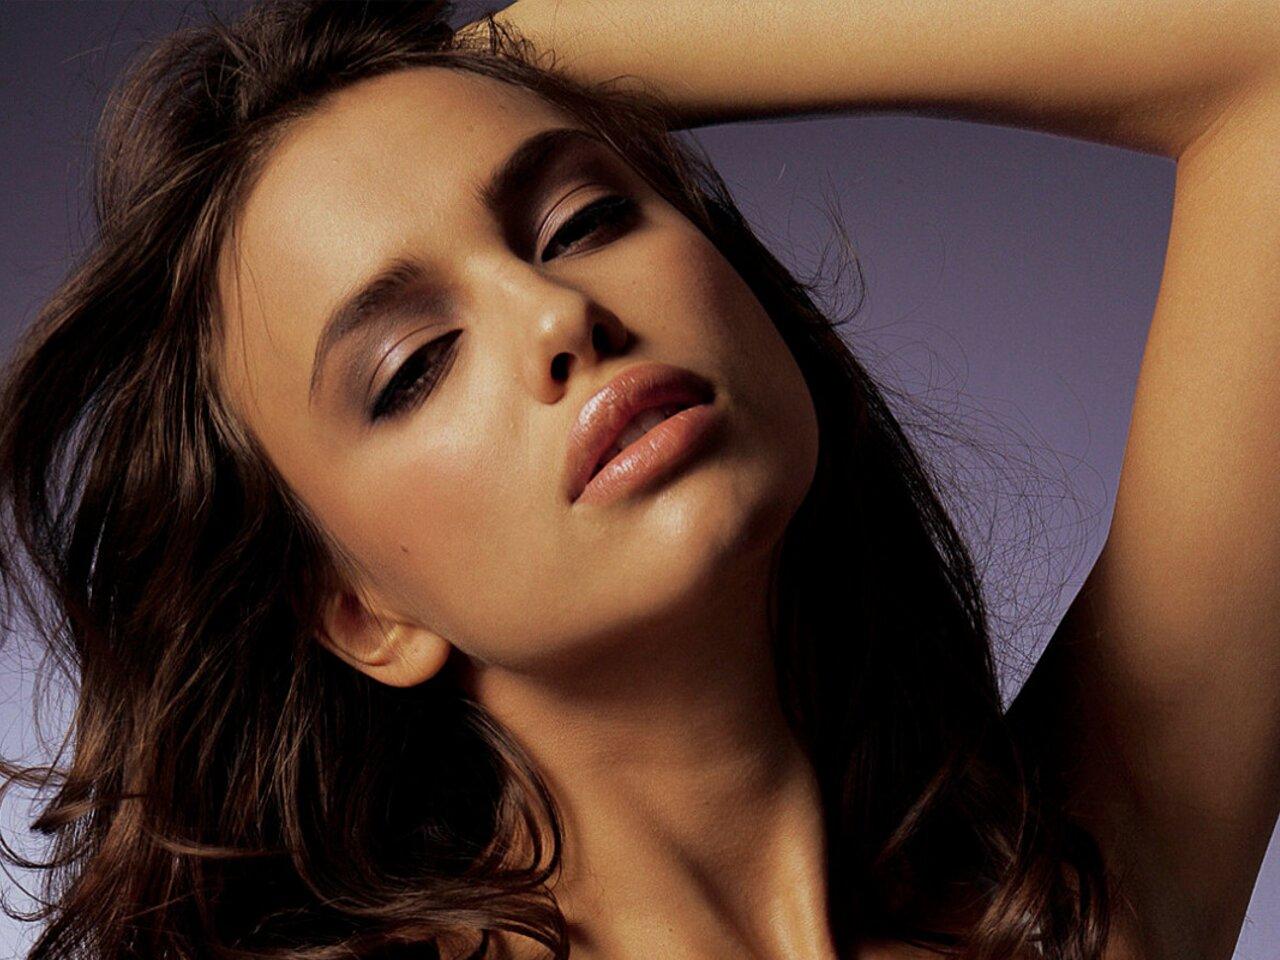 http://4.bp.blogspot.com/_U9h1I__aI2c/TTt2ynziTHI/AAAAAAAACZg/Xnu8QFU3B5g/s1600/Irina-Shayk-003.jpg